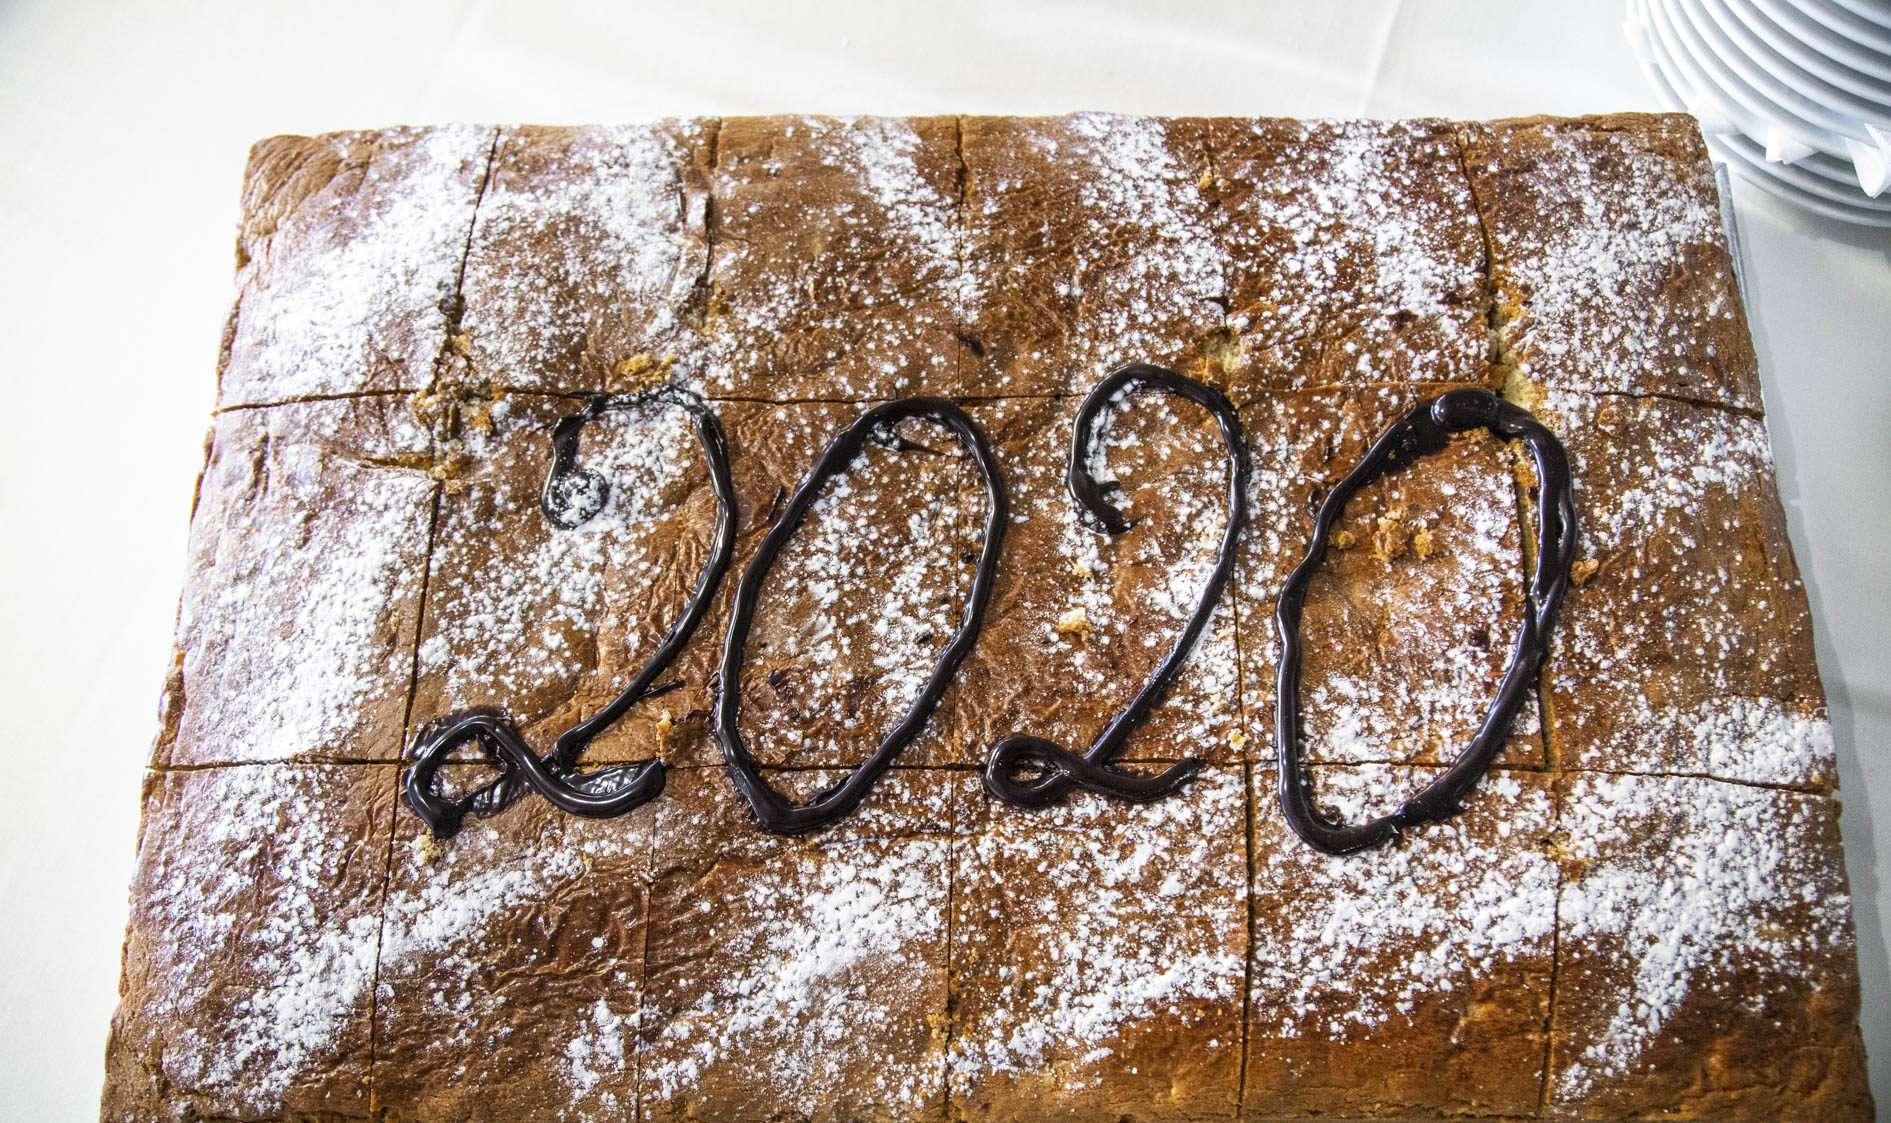 Βασιλόπιτα 2020 - Εορταστική εκδήλωση ΕΛΟΠΥ